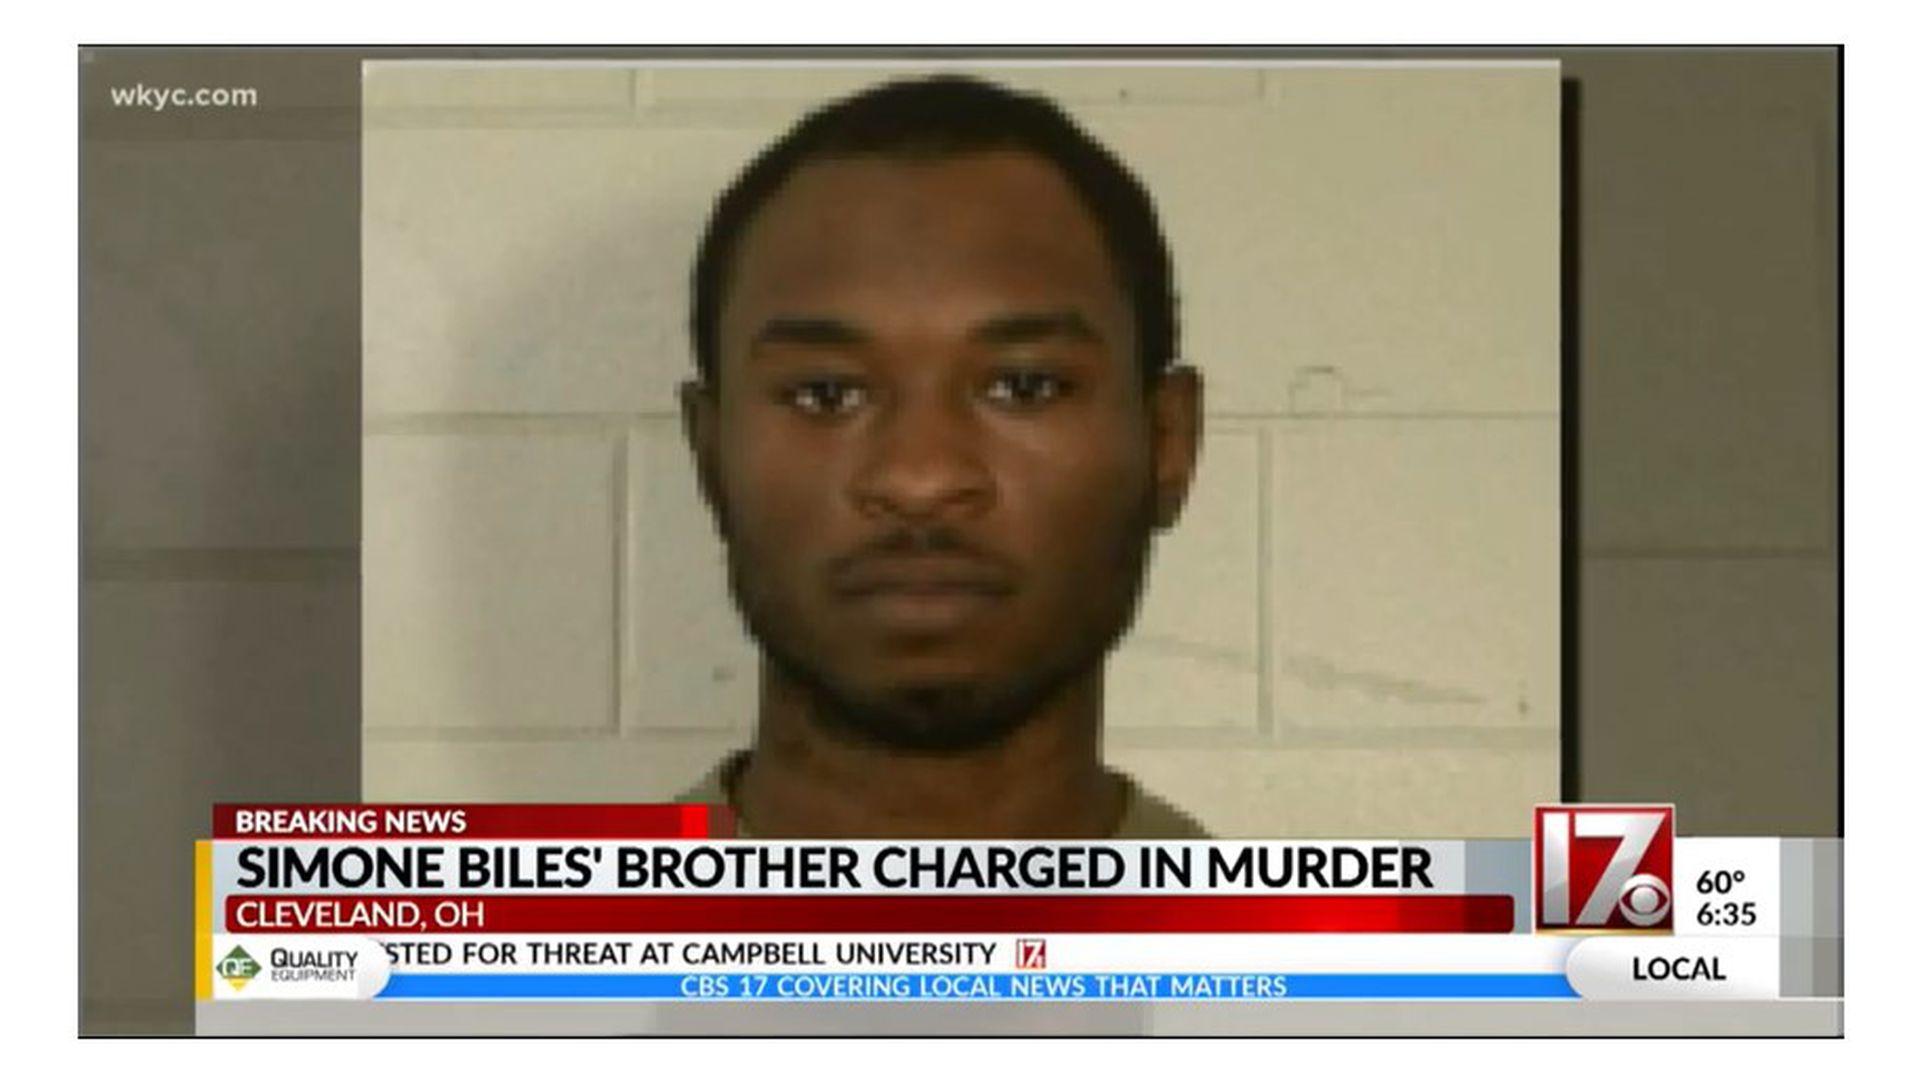 Tevin BIles, el hermano de Simone, fue acusado de triple asesinato.